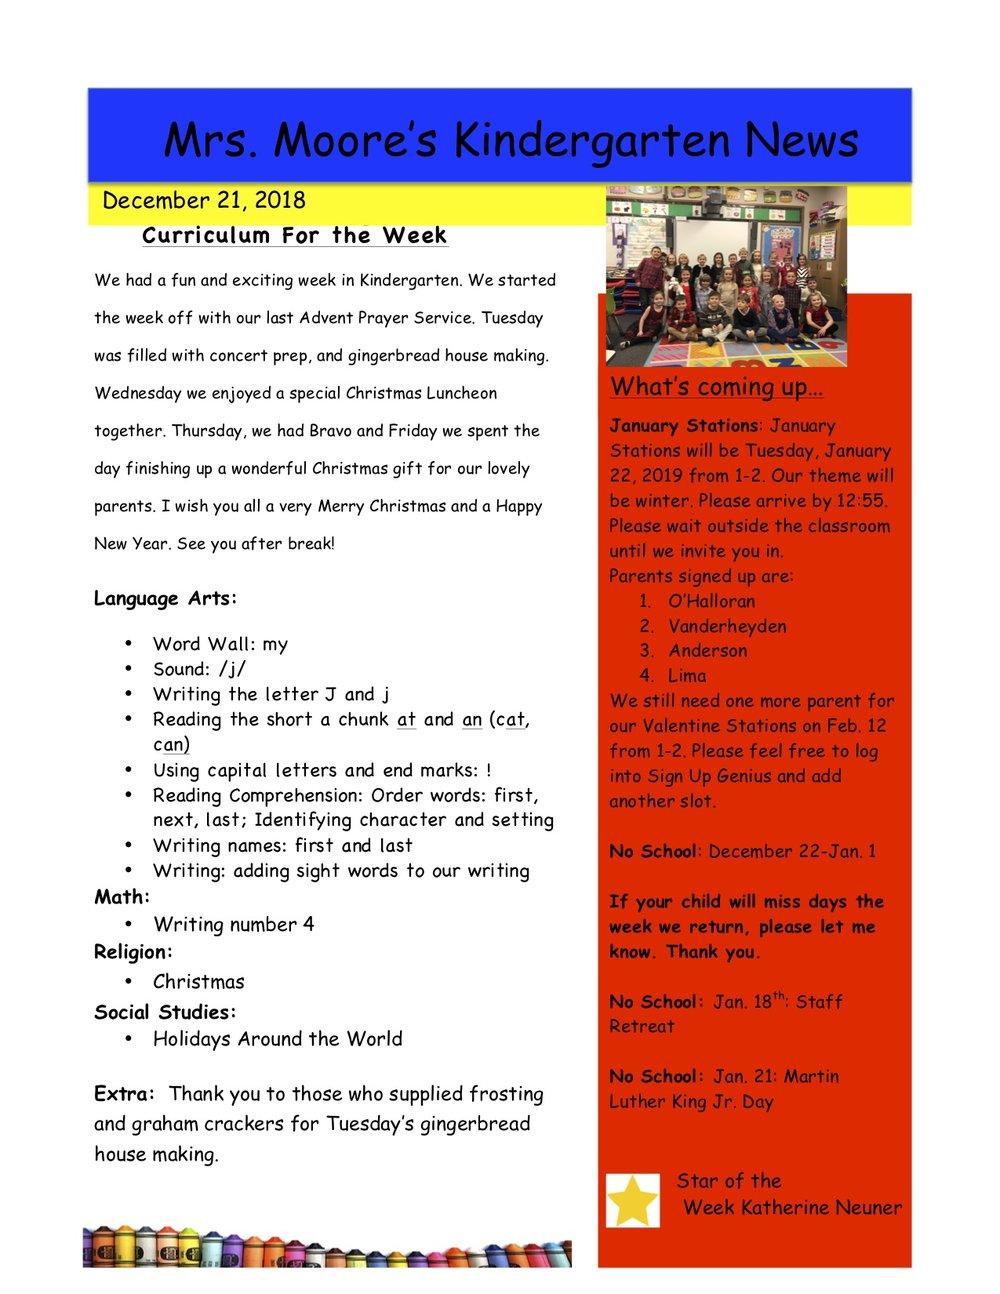 MOoreNewsletter Week 12-22-18.jpg